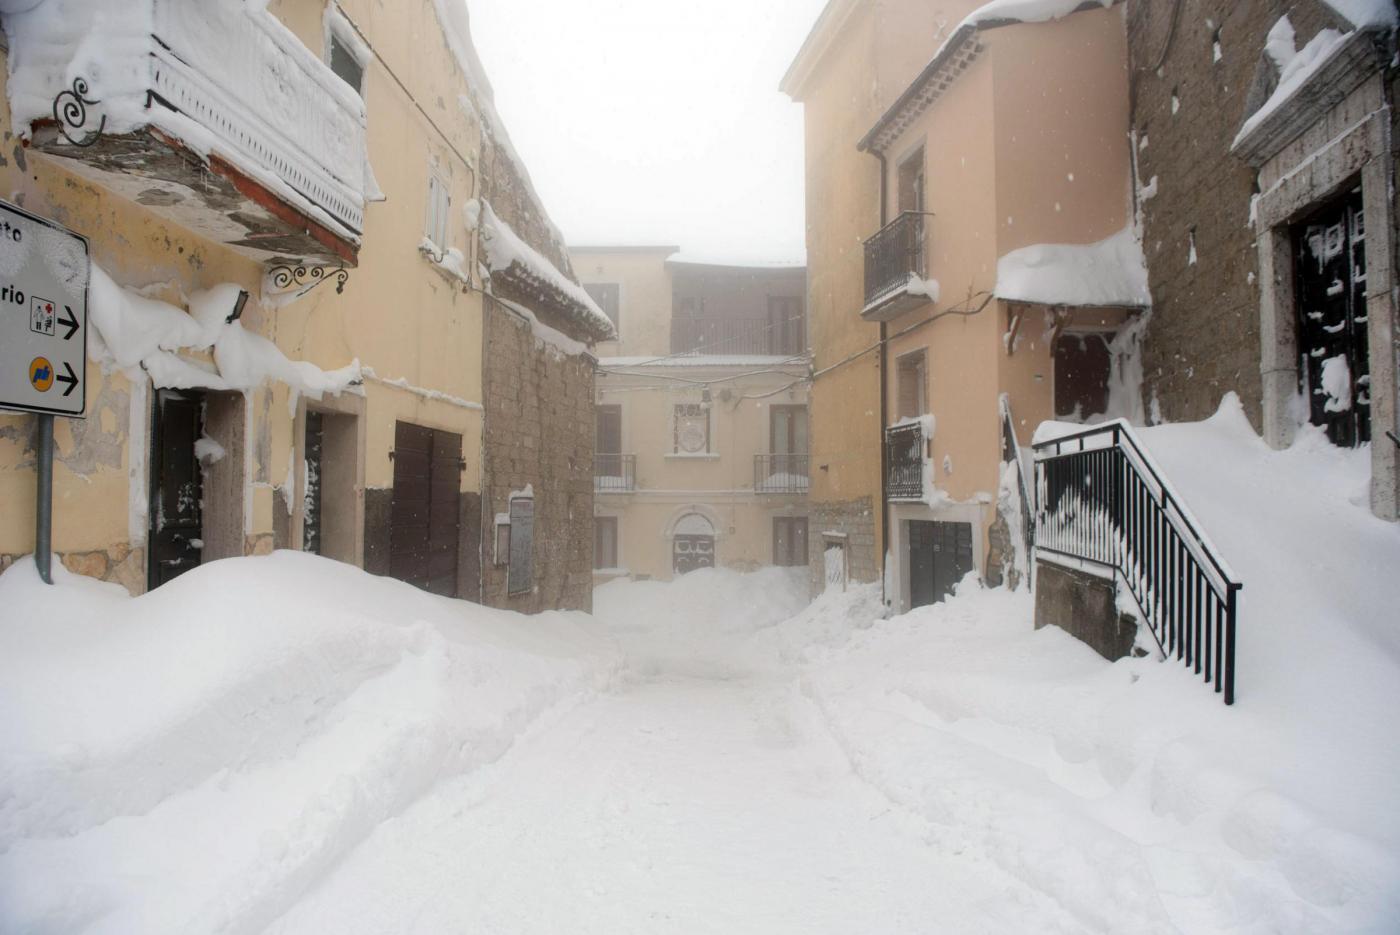 Maltempo in Abruzzo, emergenza per gelo e neve